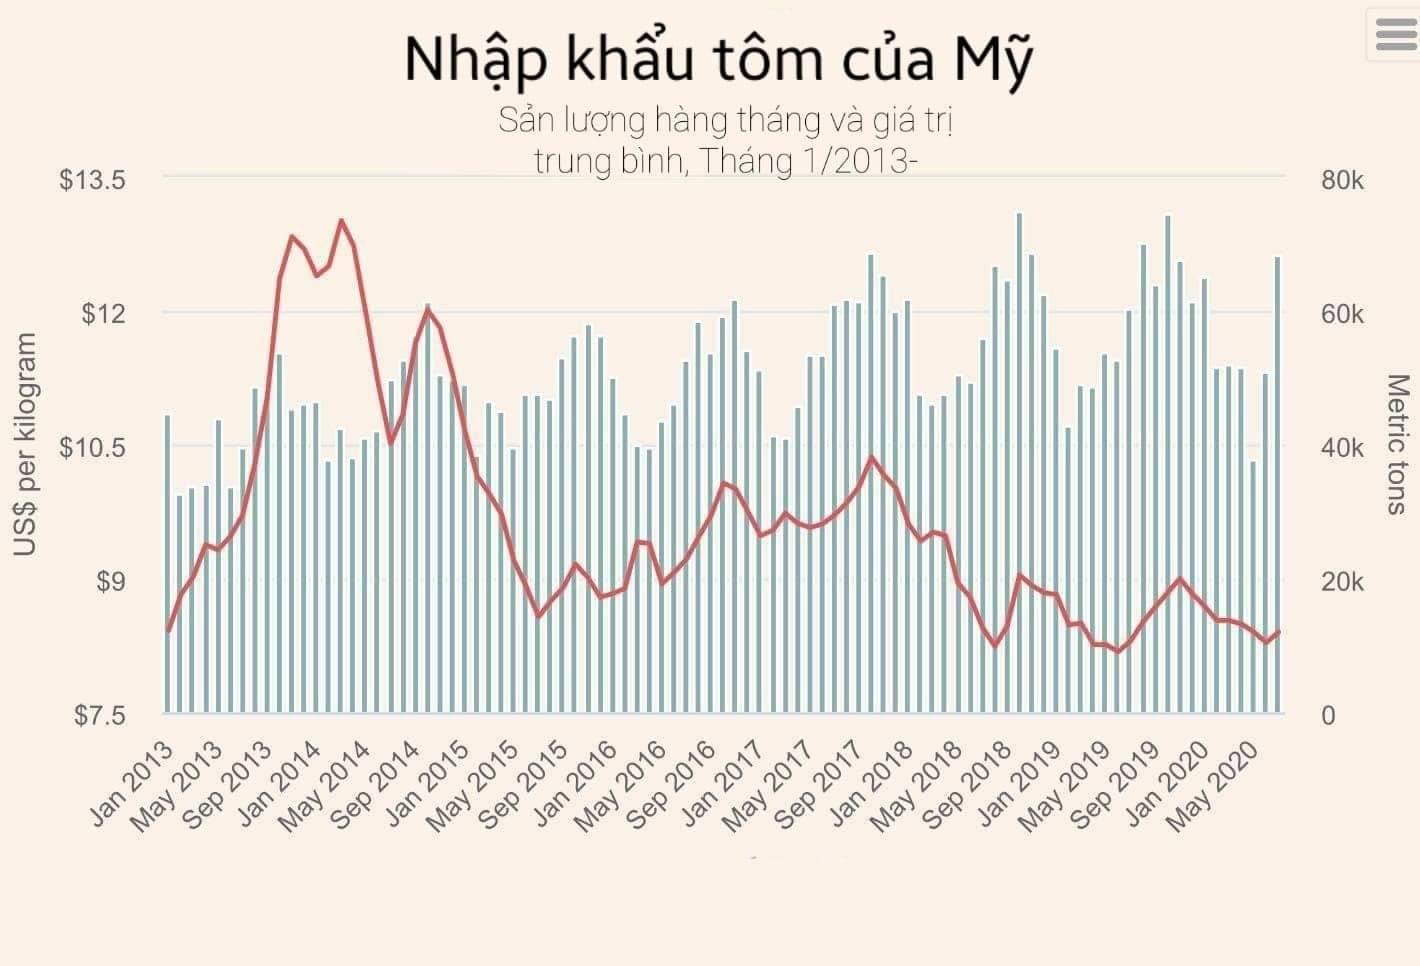 Nhập khẩu tôm của Mỹ tăng vọt - Ảnh 1.